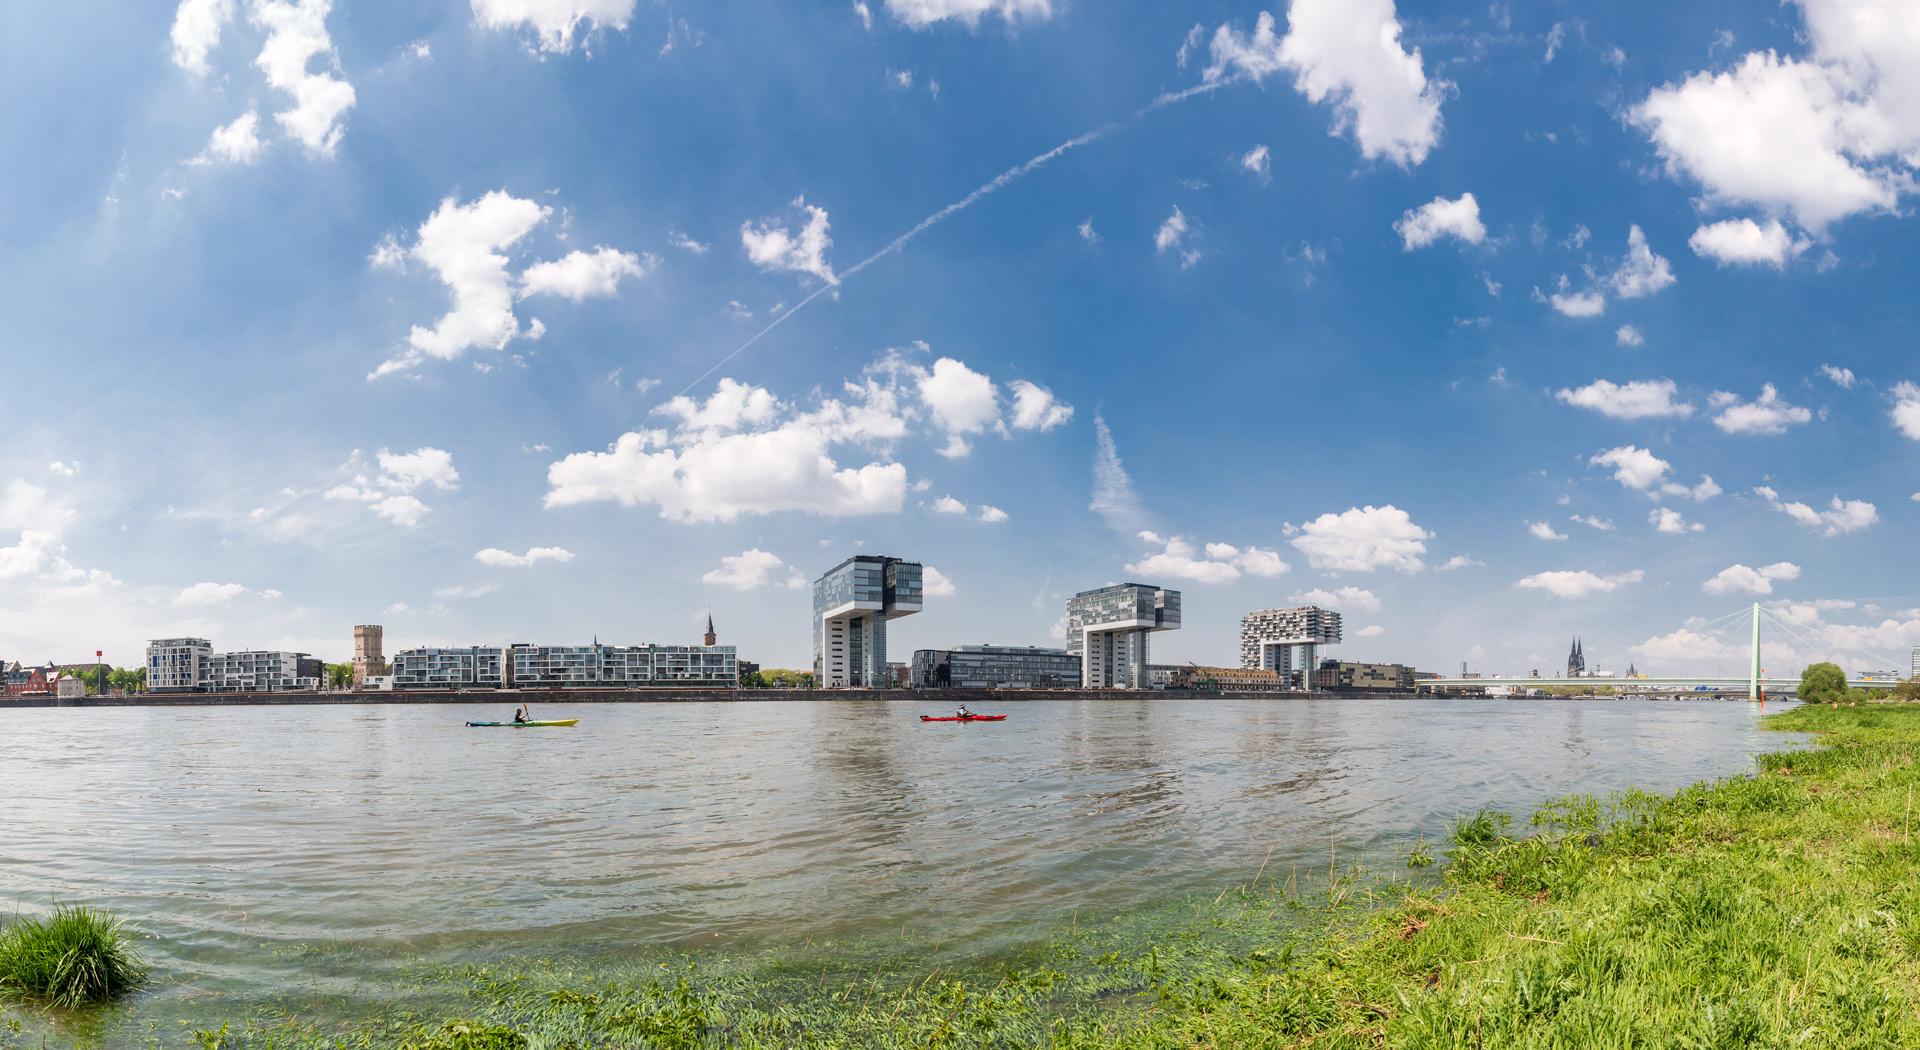 Rheinauhafen mit Kajaks